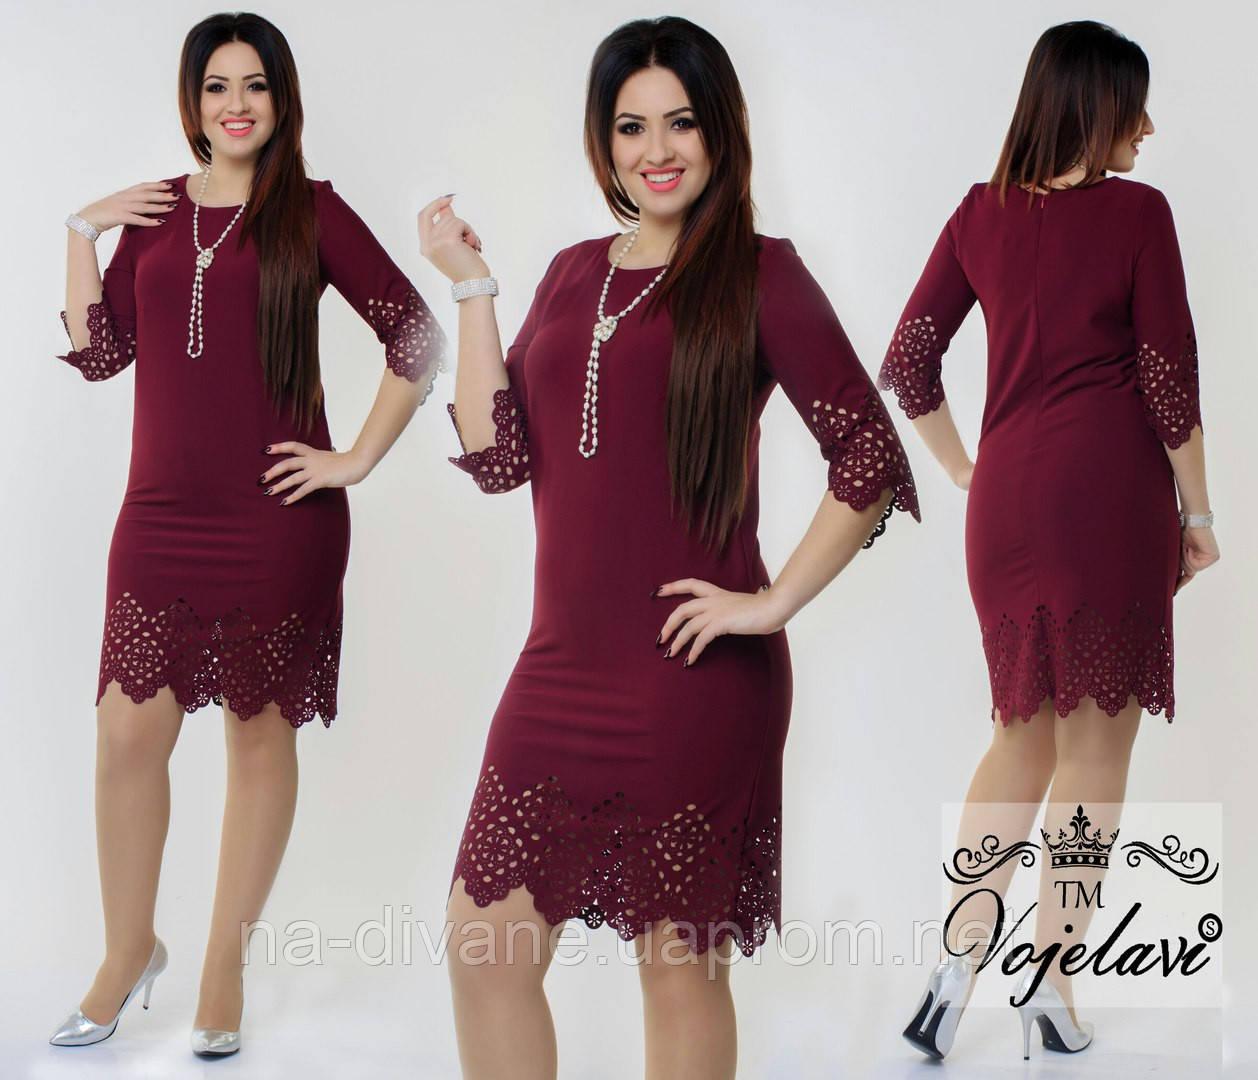 a6d000c9a9c94e4 Платье с перфорацией 426 Багет - Женская, мужская и детская одежда оптом от  Интернет-